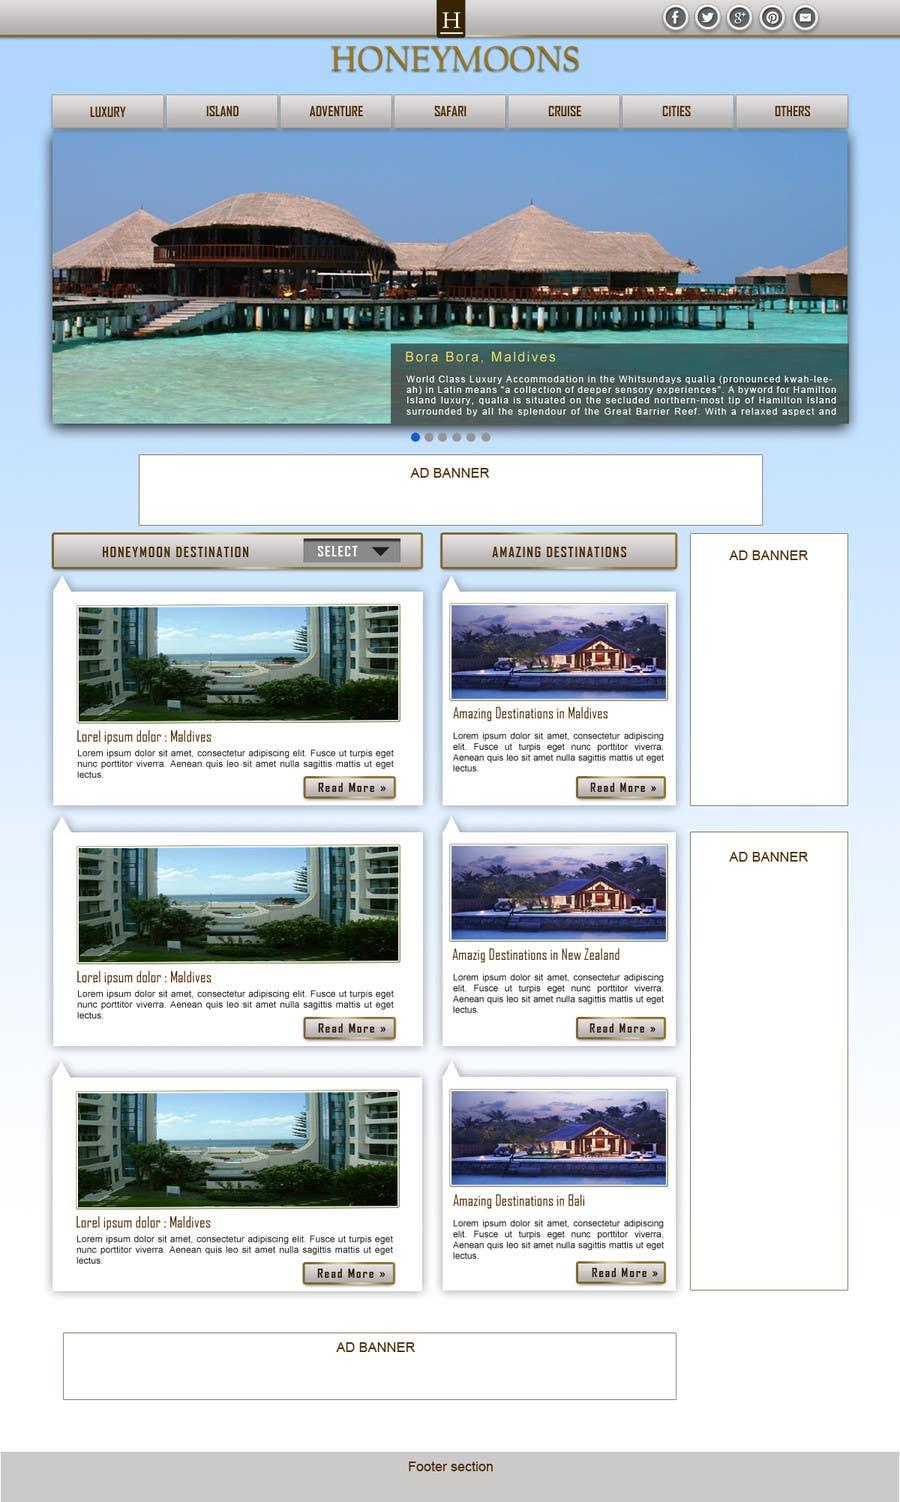 Penyertaan Peraduan #                                        40                                      untuk                                         Website Design for Honeymoons website